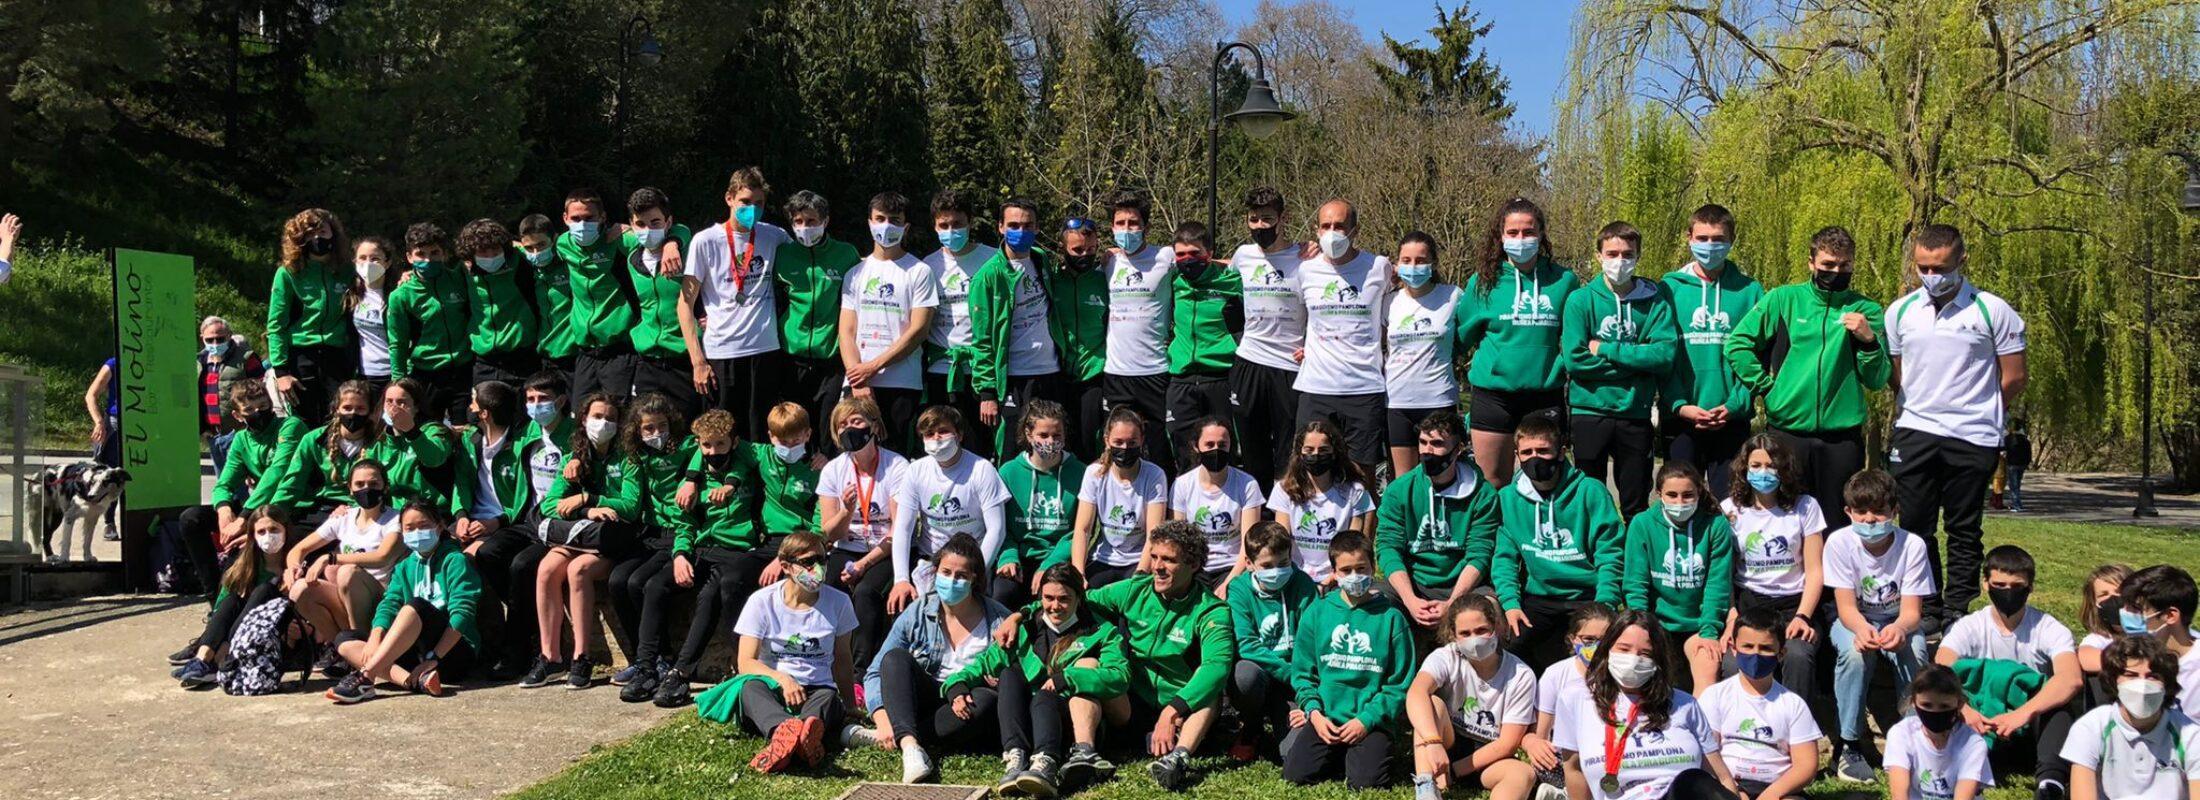 El Piragüismo Pamplona campeón navarro